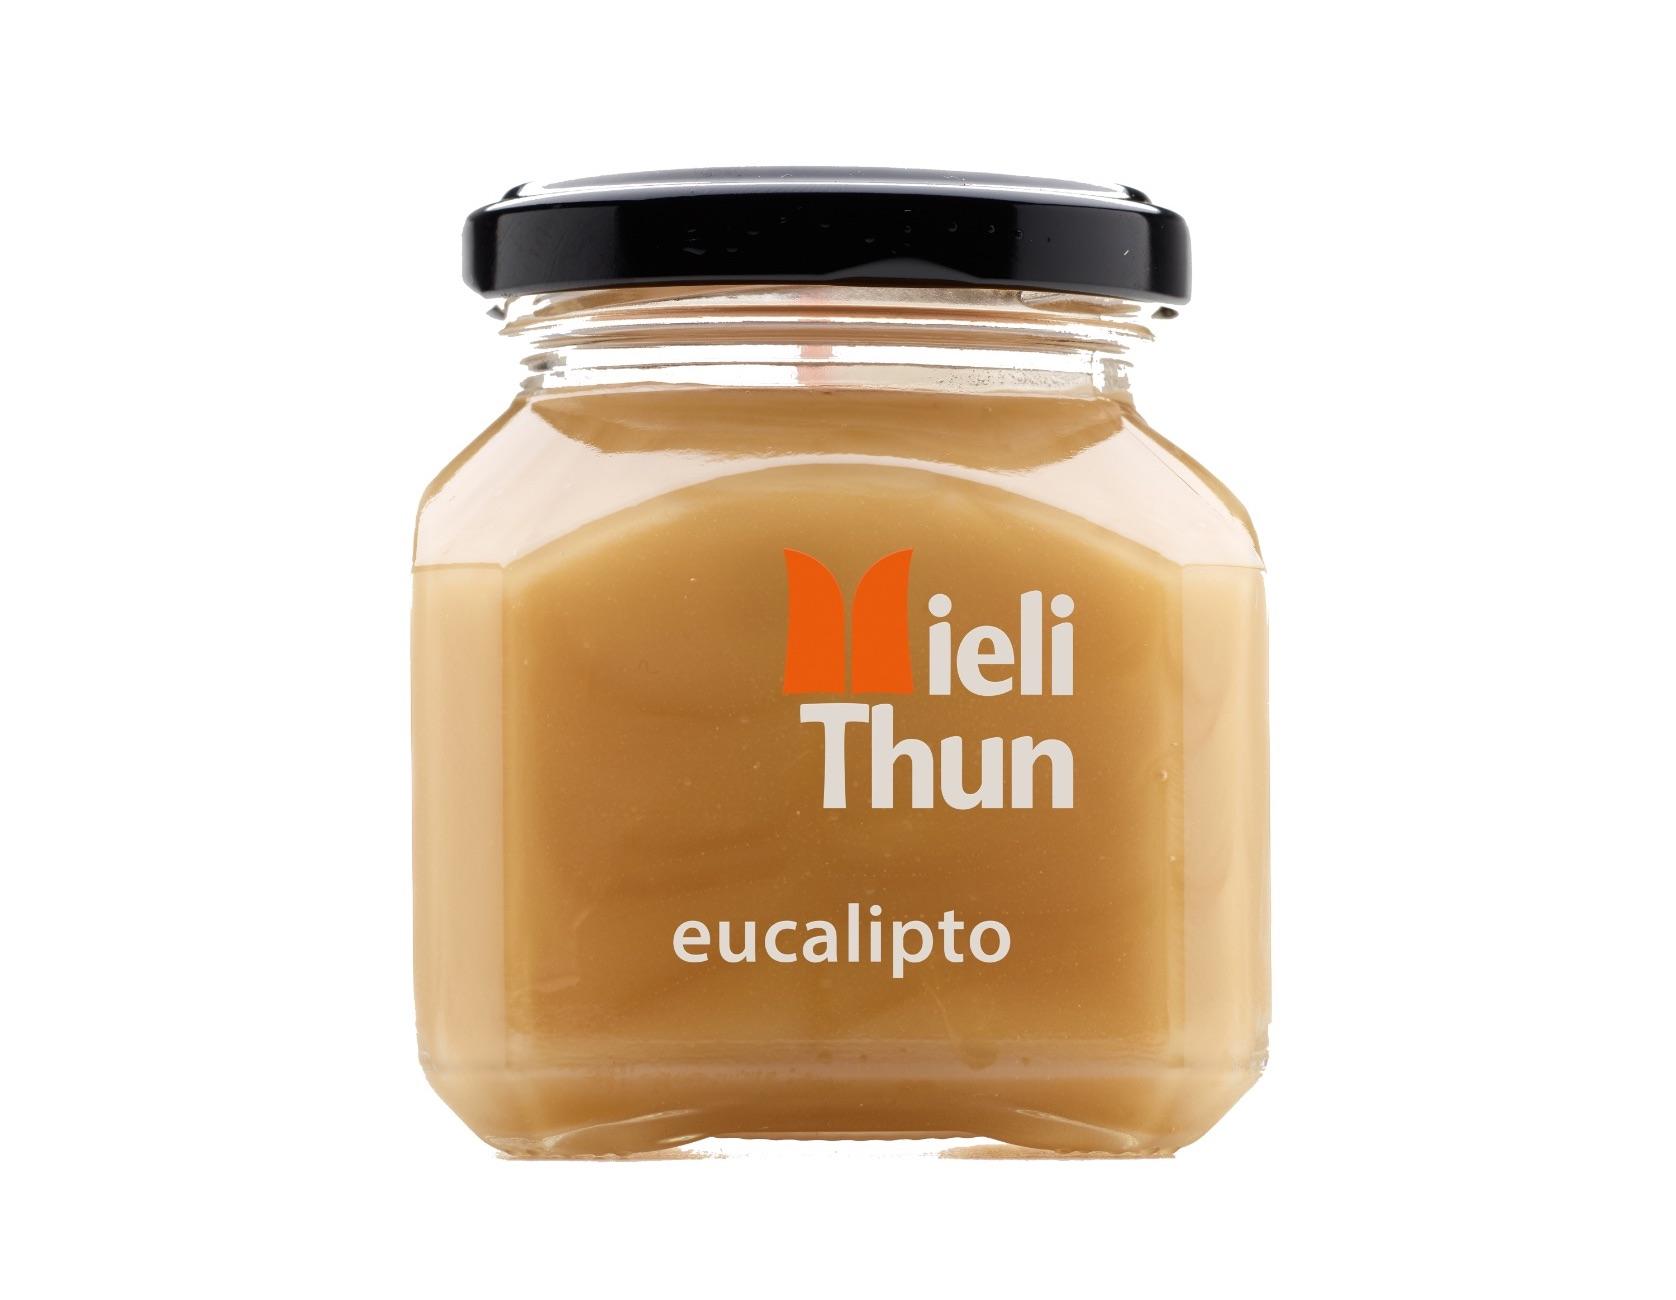 miele-eucalipto-mieli-thun